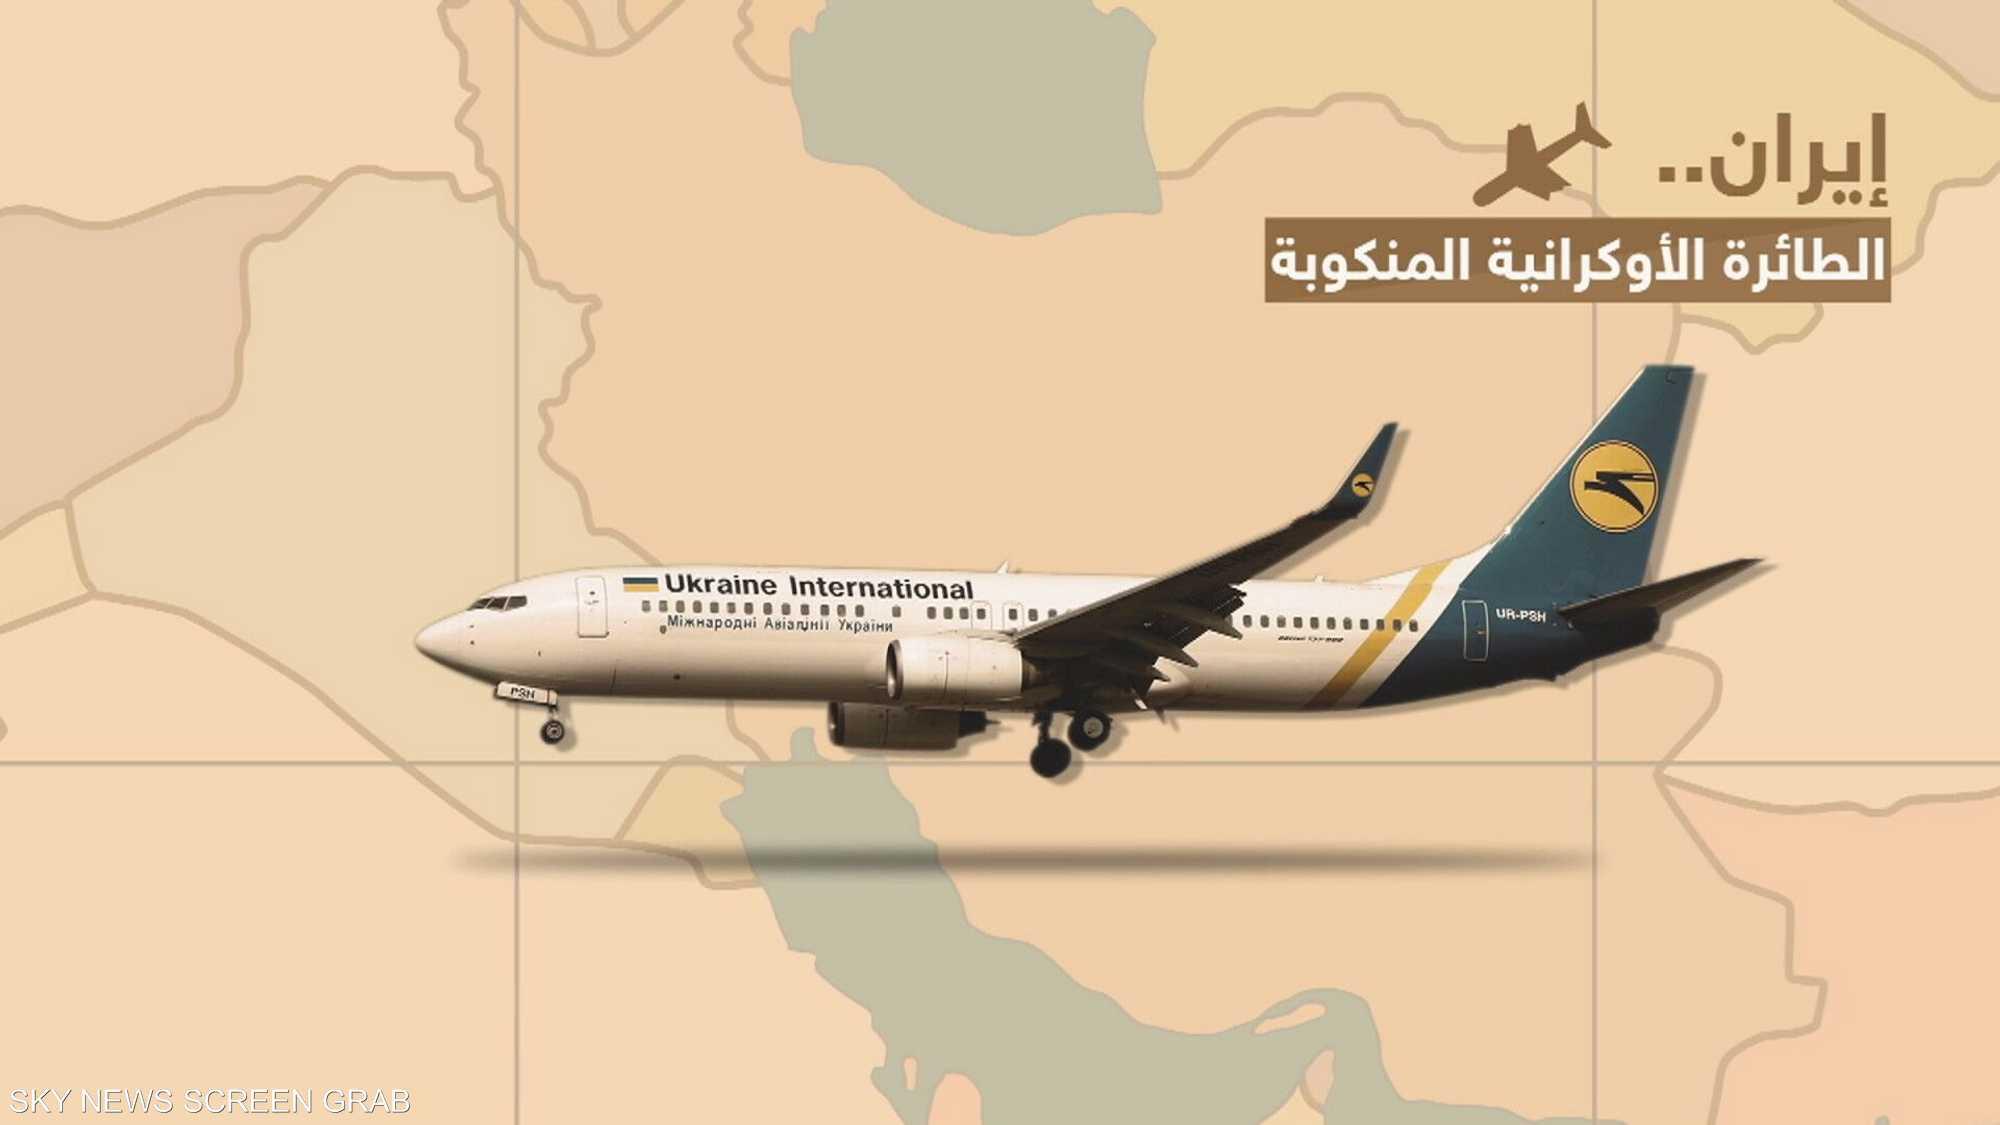 طهران ترفض تسليم الصندوق الأسود للطائرة الأوكرانية إلى بوينغ